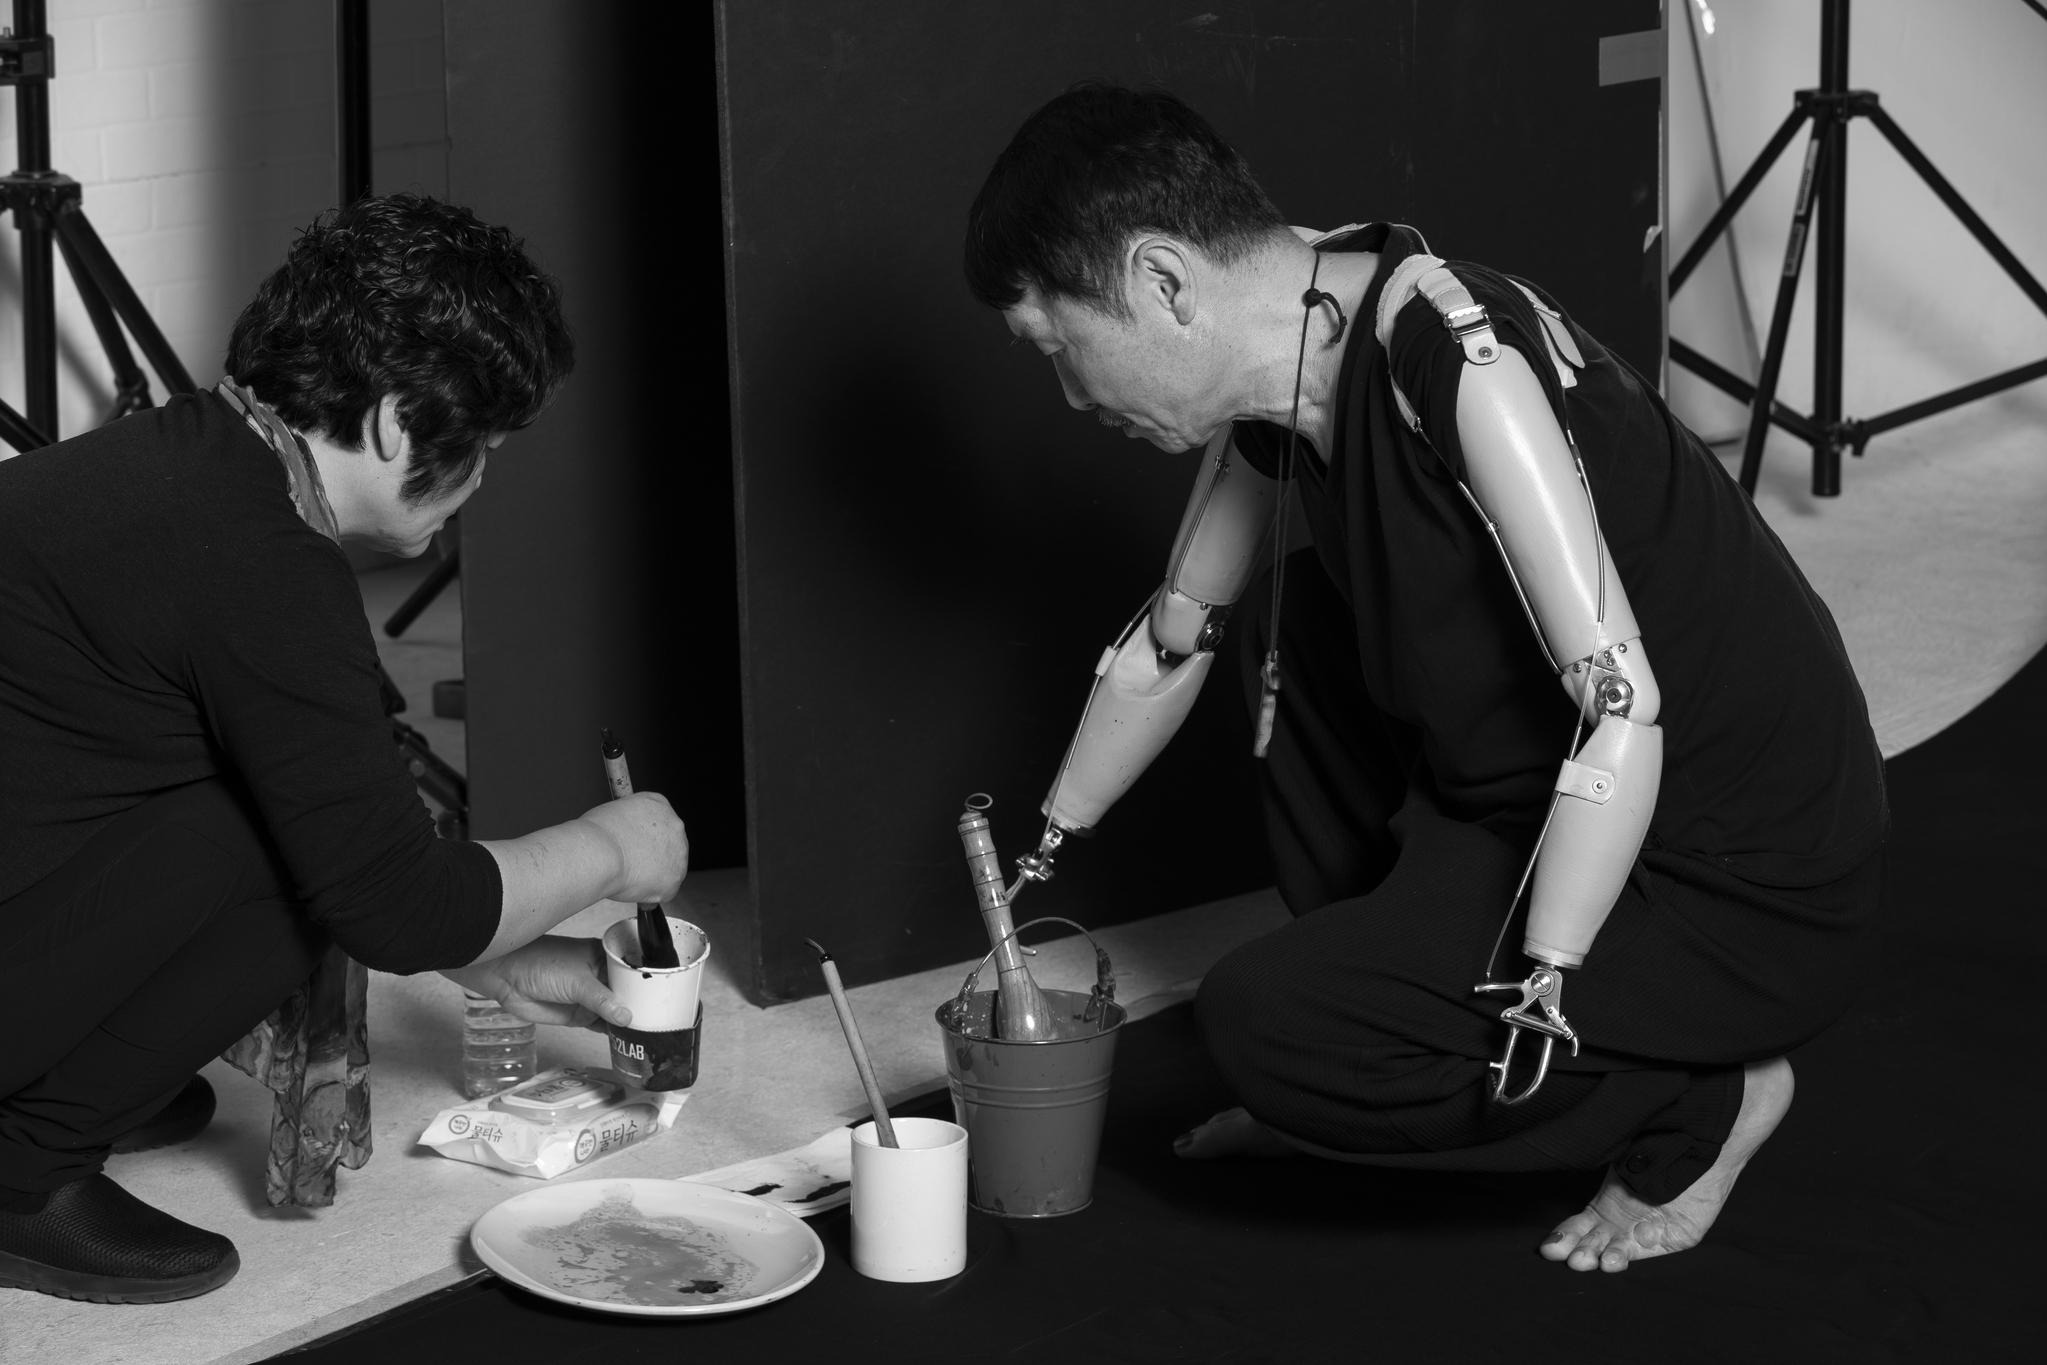 지켜보면 석 화가의 손을 대신 하는 것은 아내 곽혜숙 씨의 손이다.